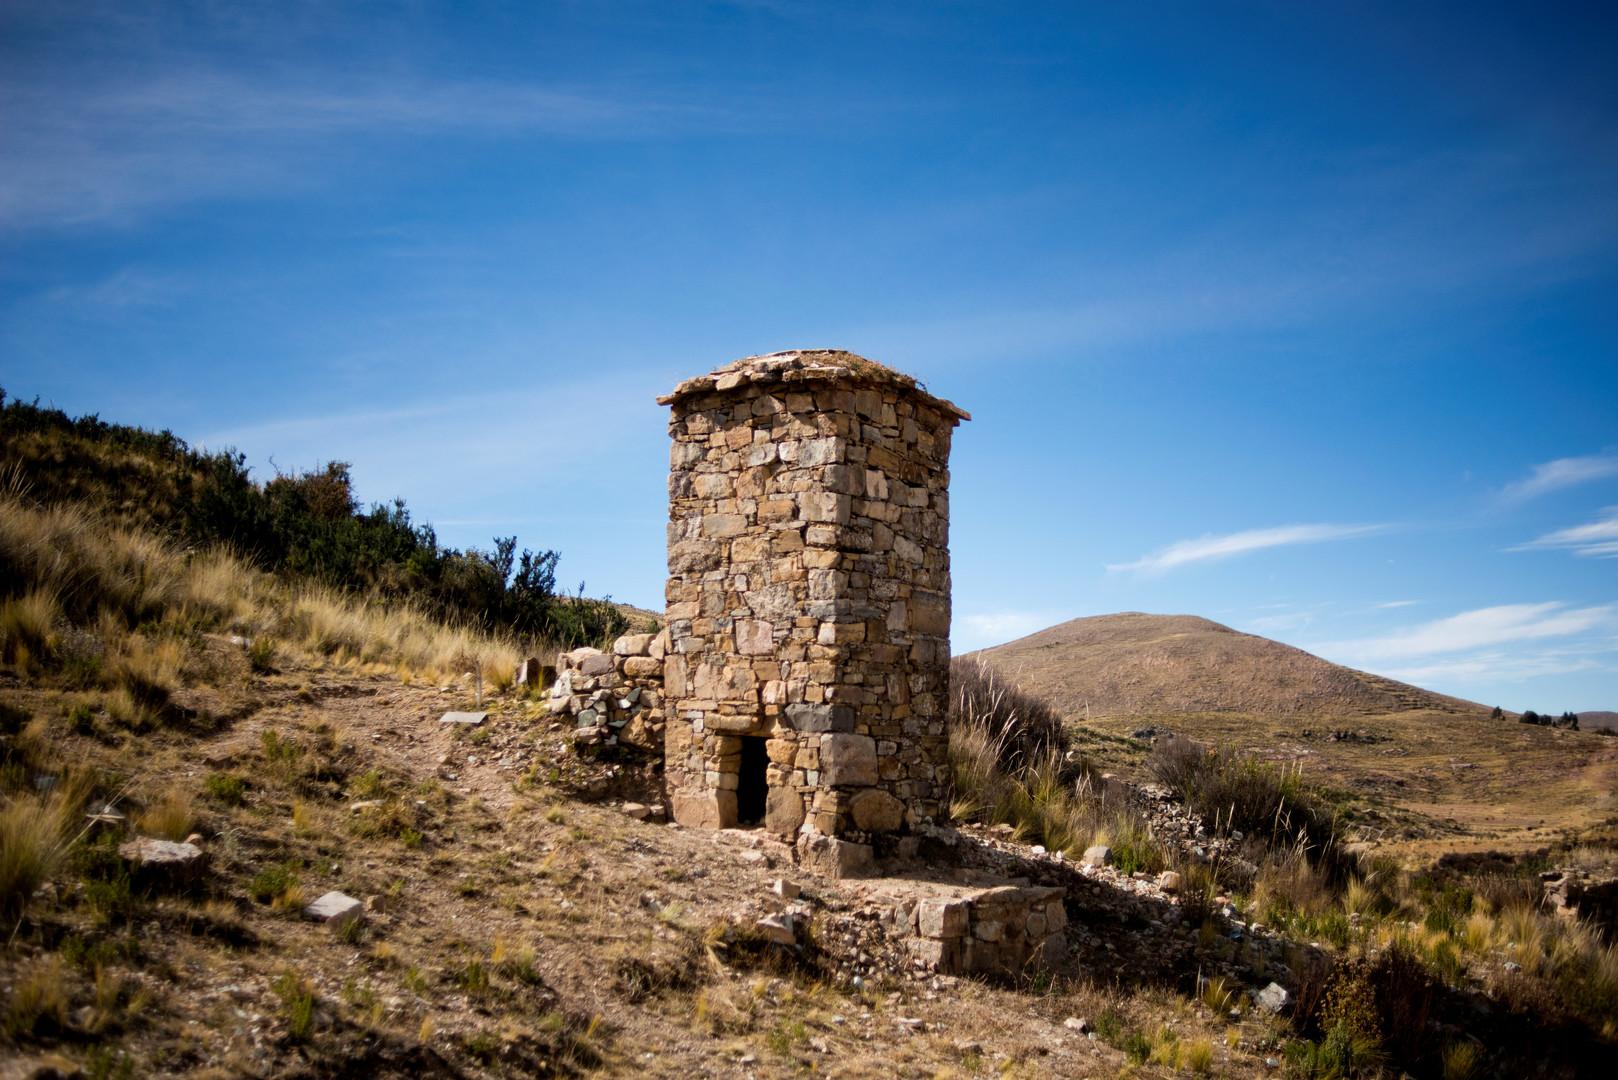 Ein altes Steingrab in einer archäologischen Stätte in der Nähe des bolivianischen Dorfes Qewaya am Titicacasee